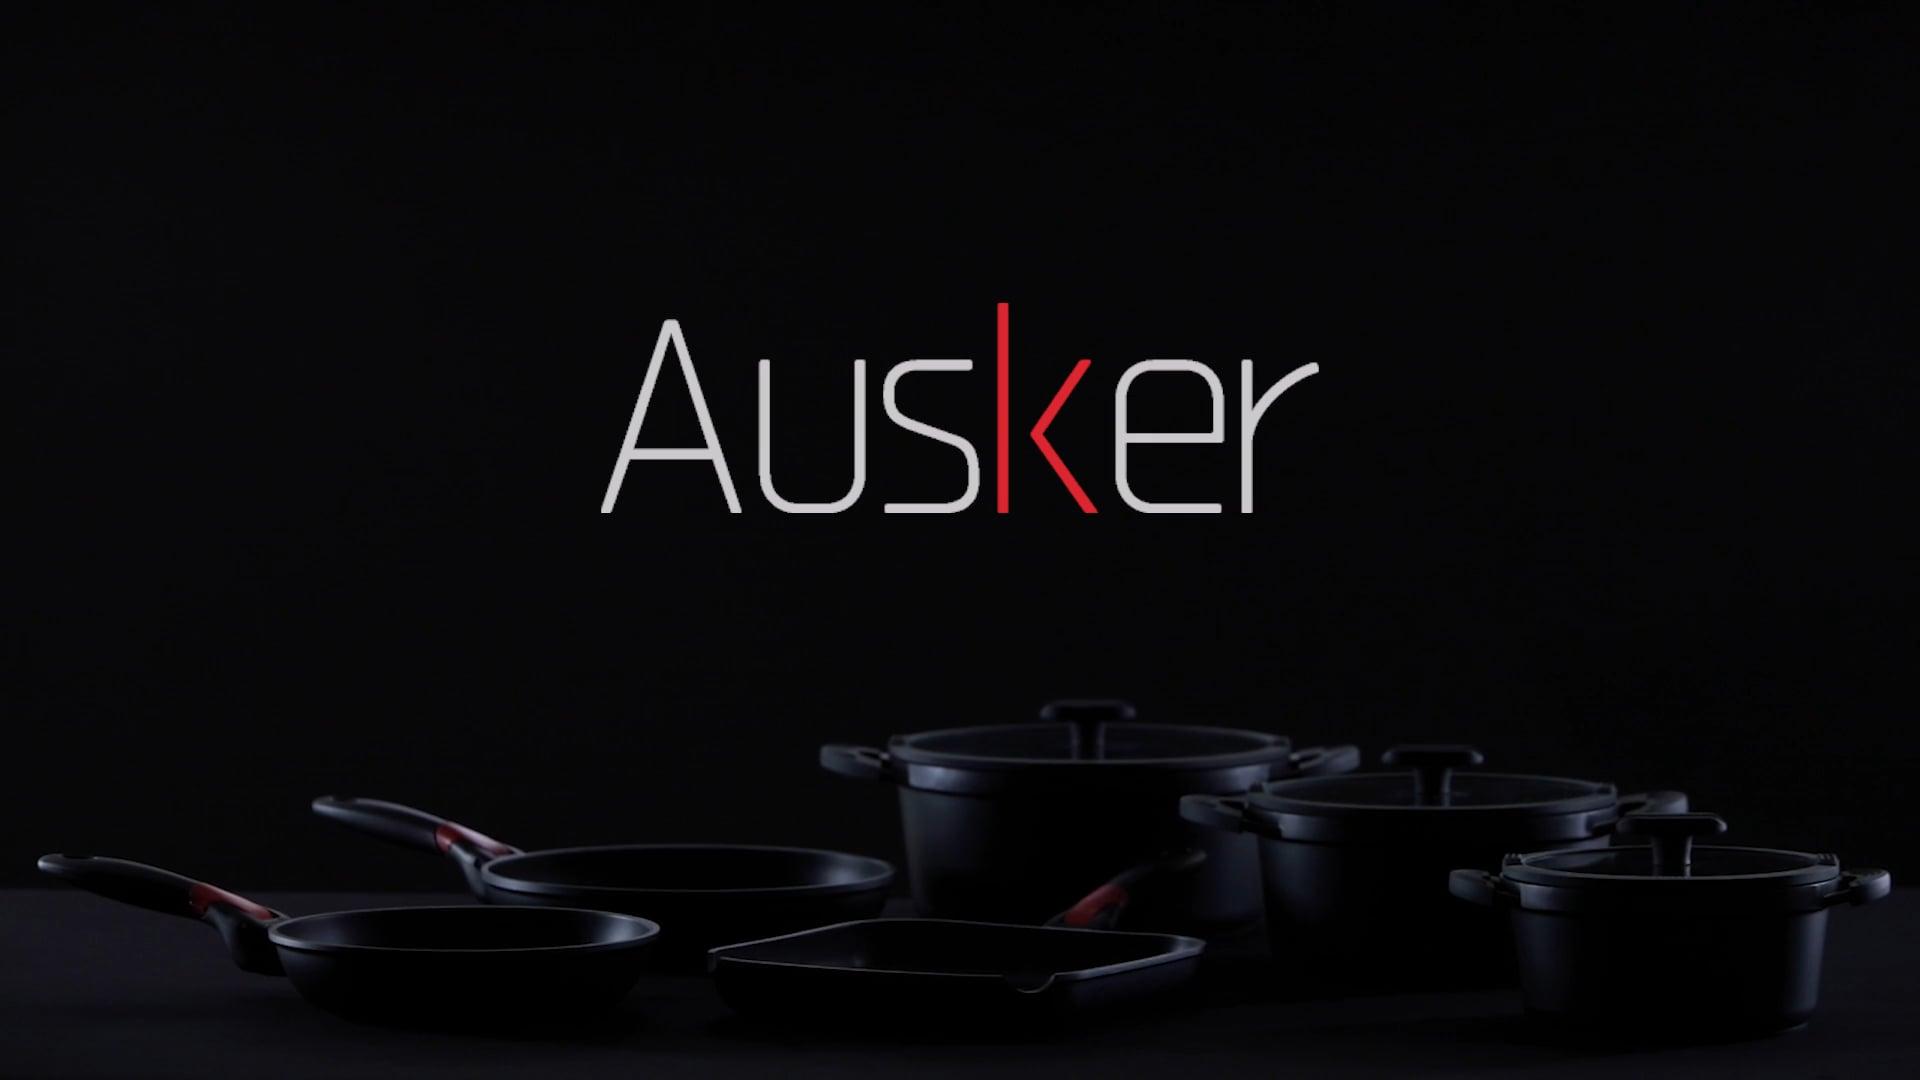 AUSKER COOKWARE